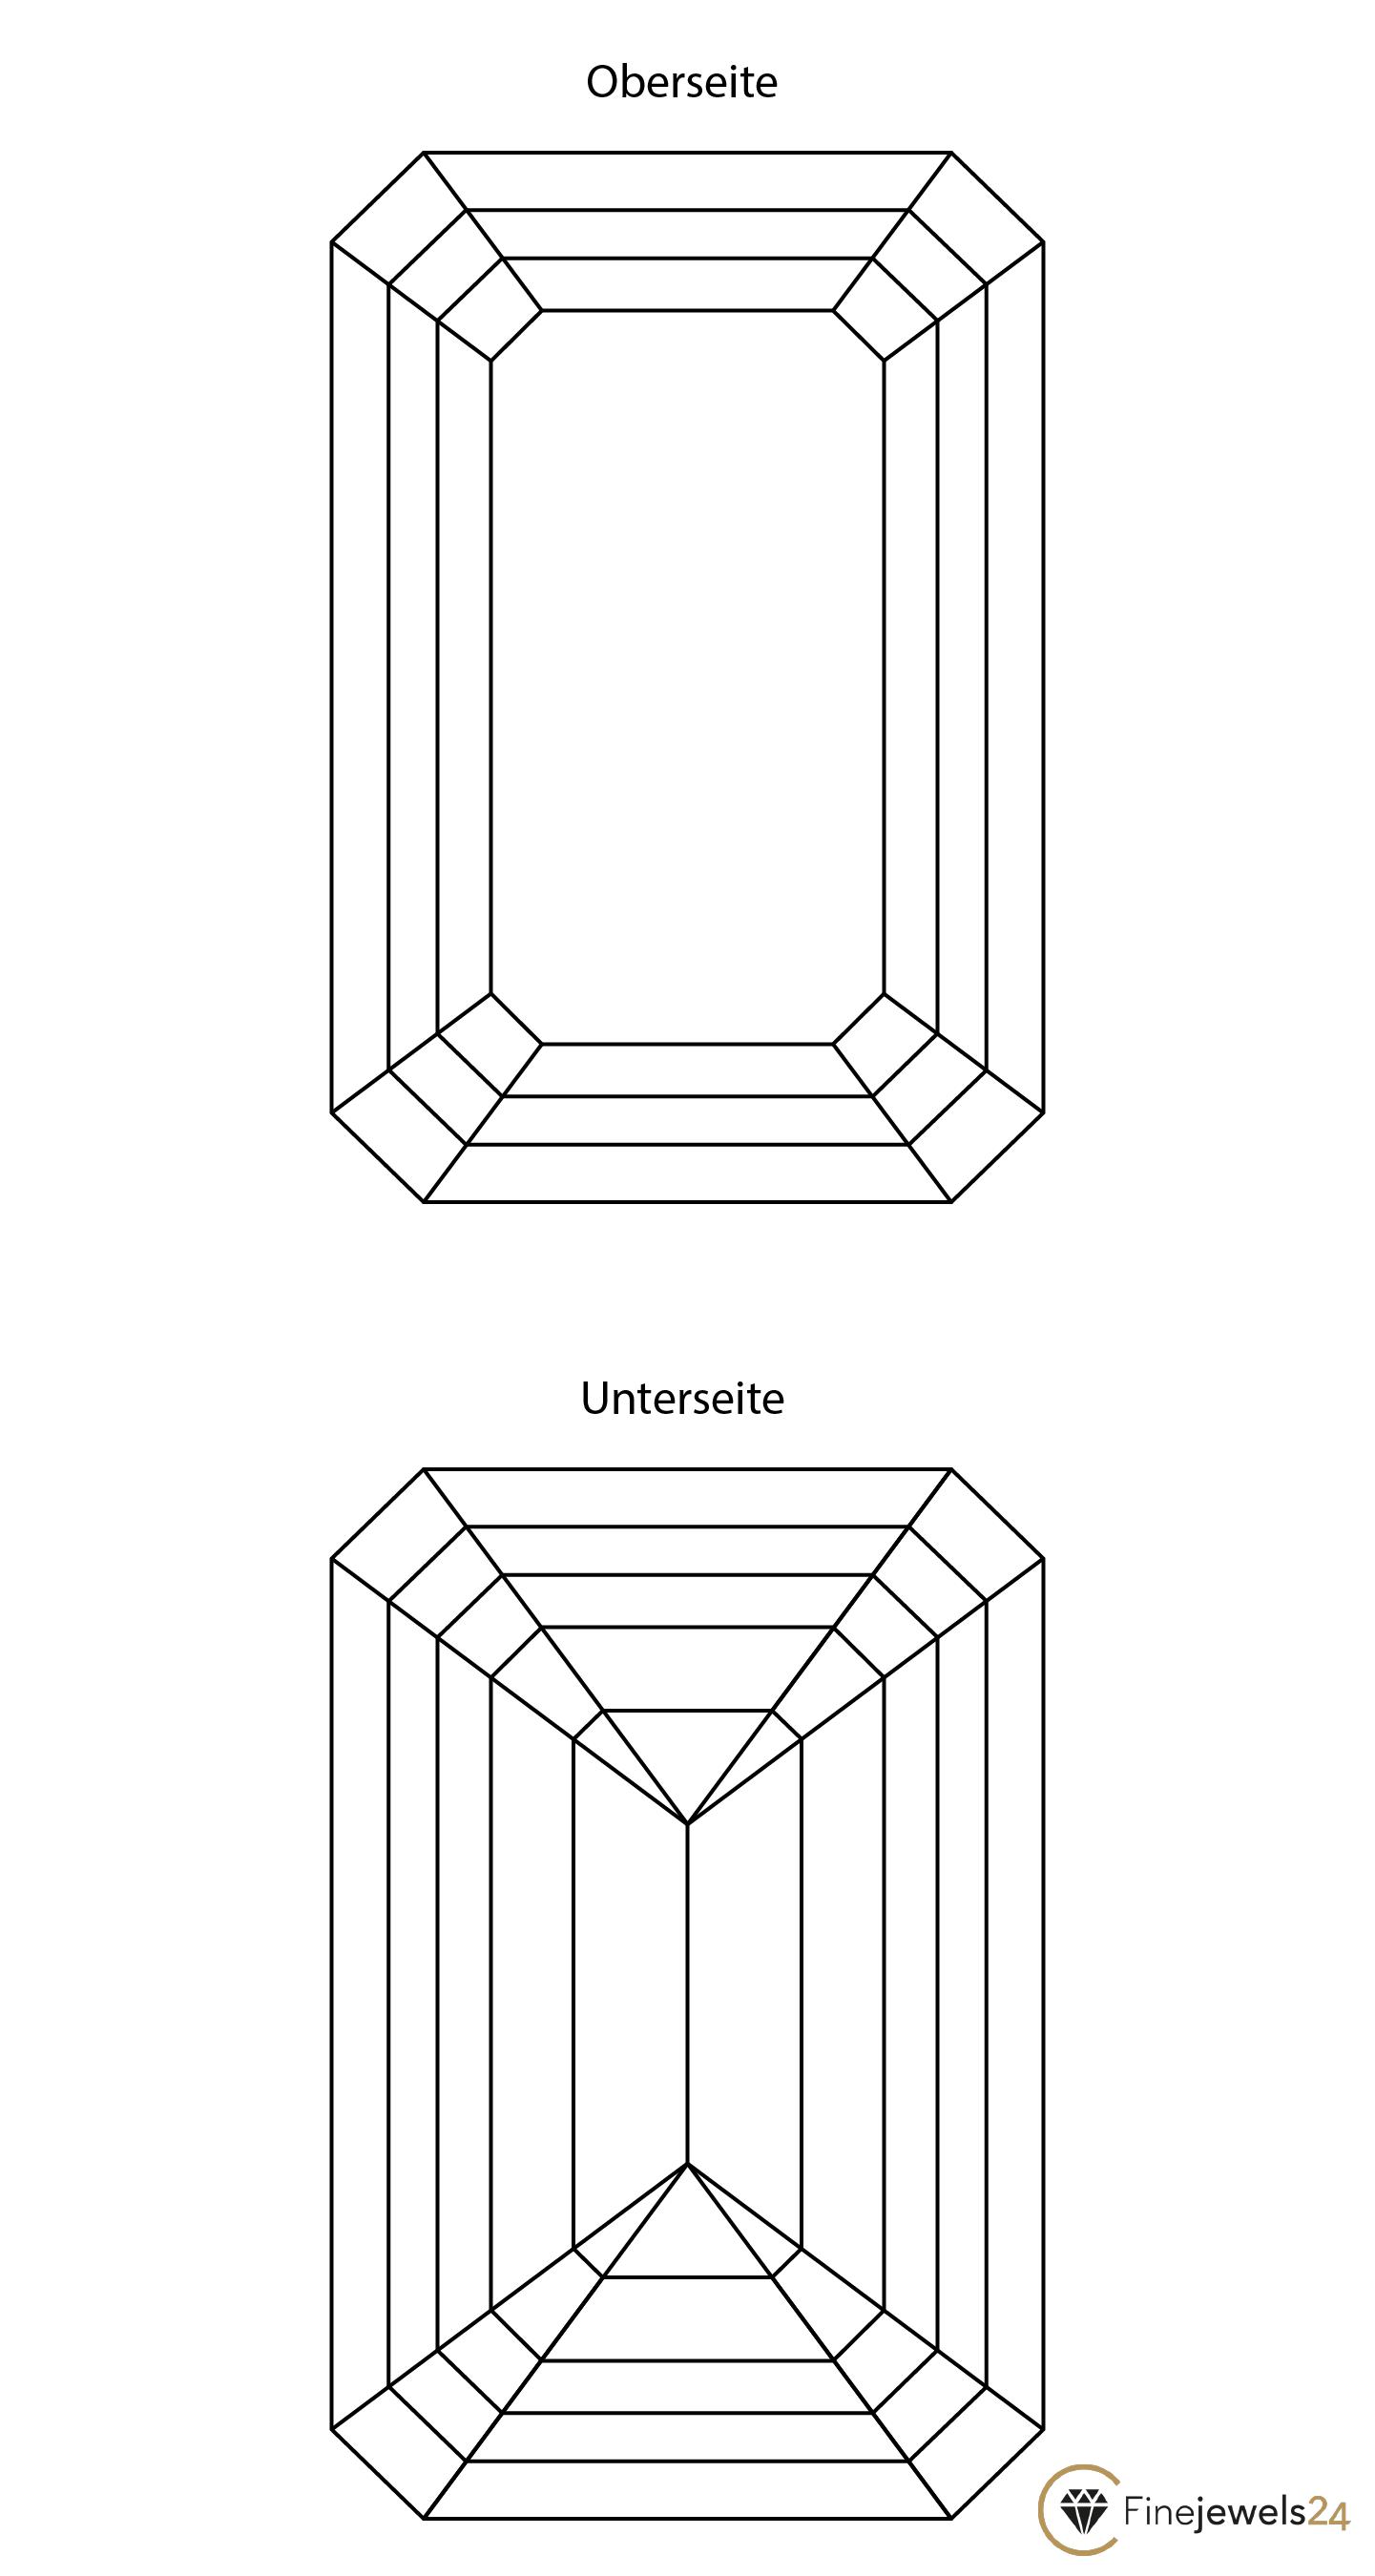 Smaragdschliff Oberseite und Unterseite